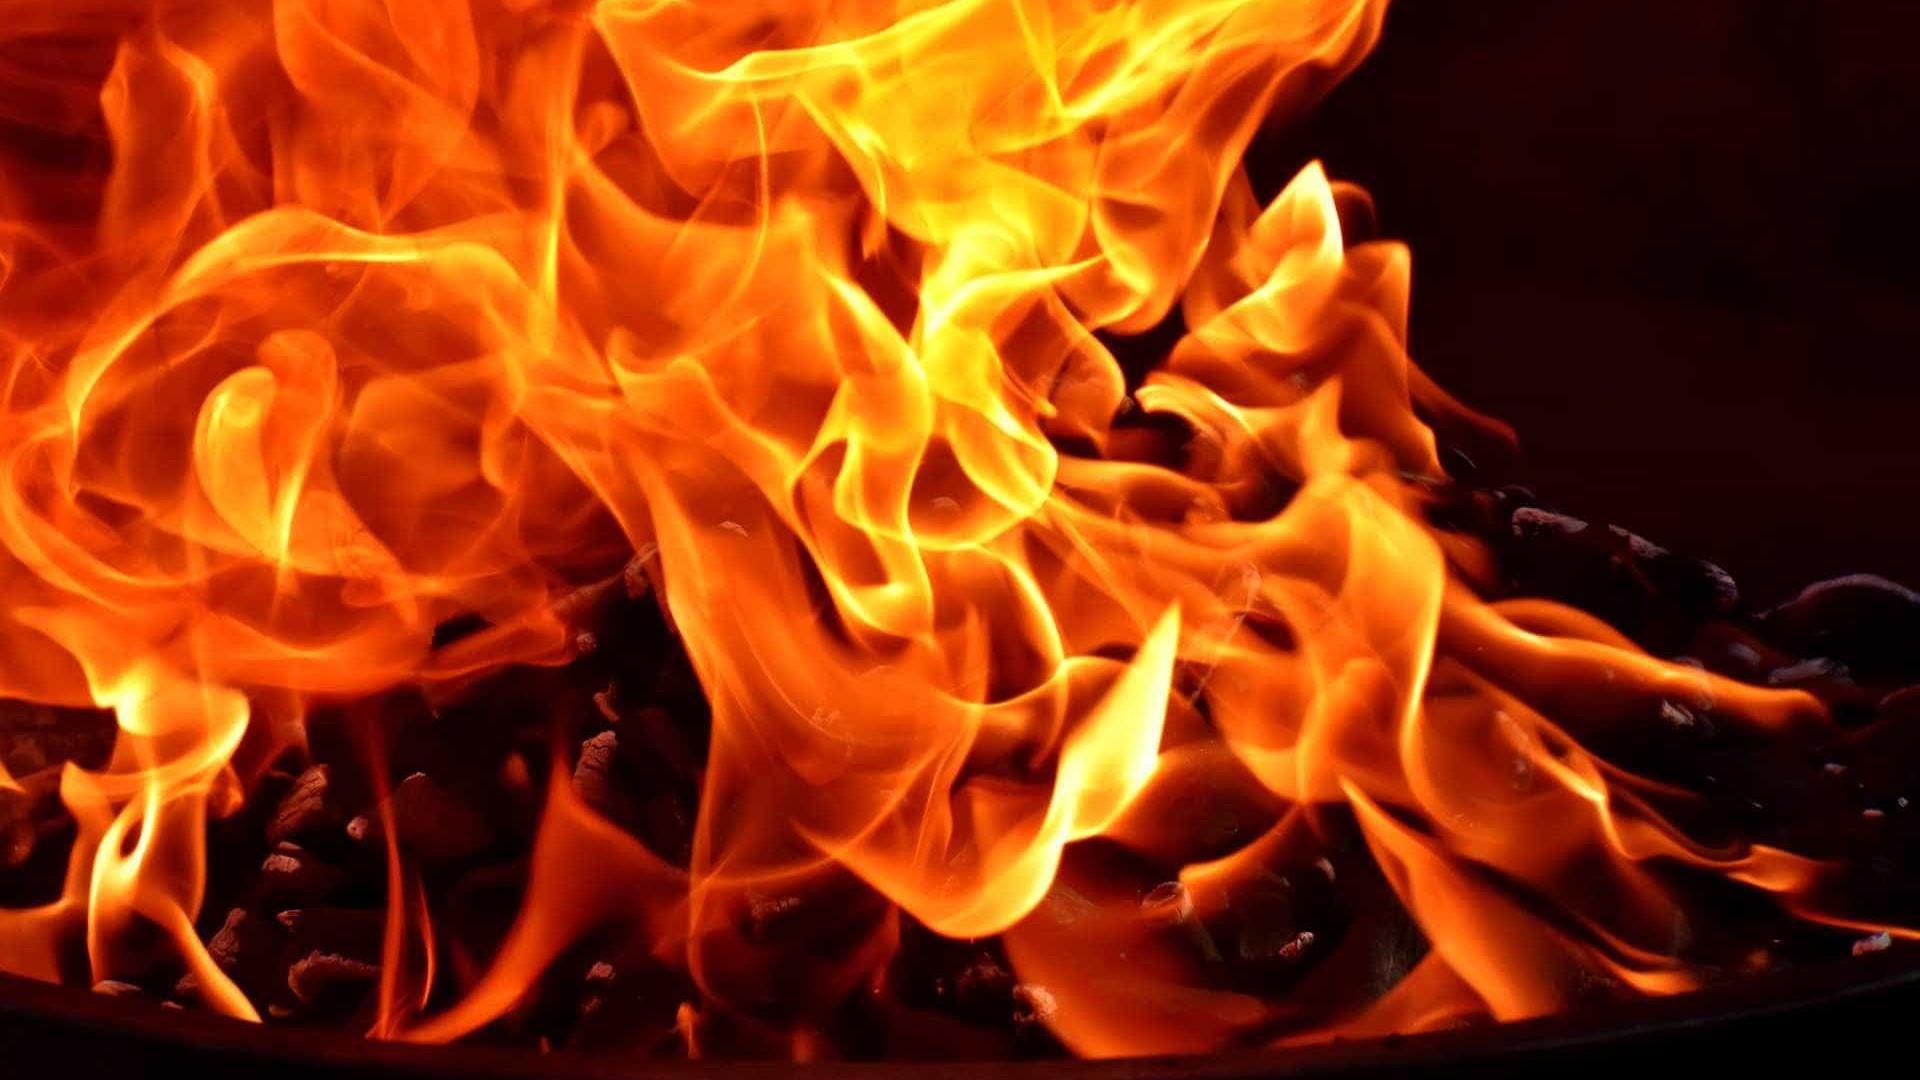 Com bebê no colo, homem pula de prédio para fugir de incêndio em SP